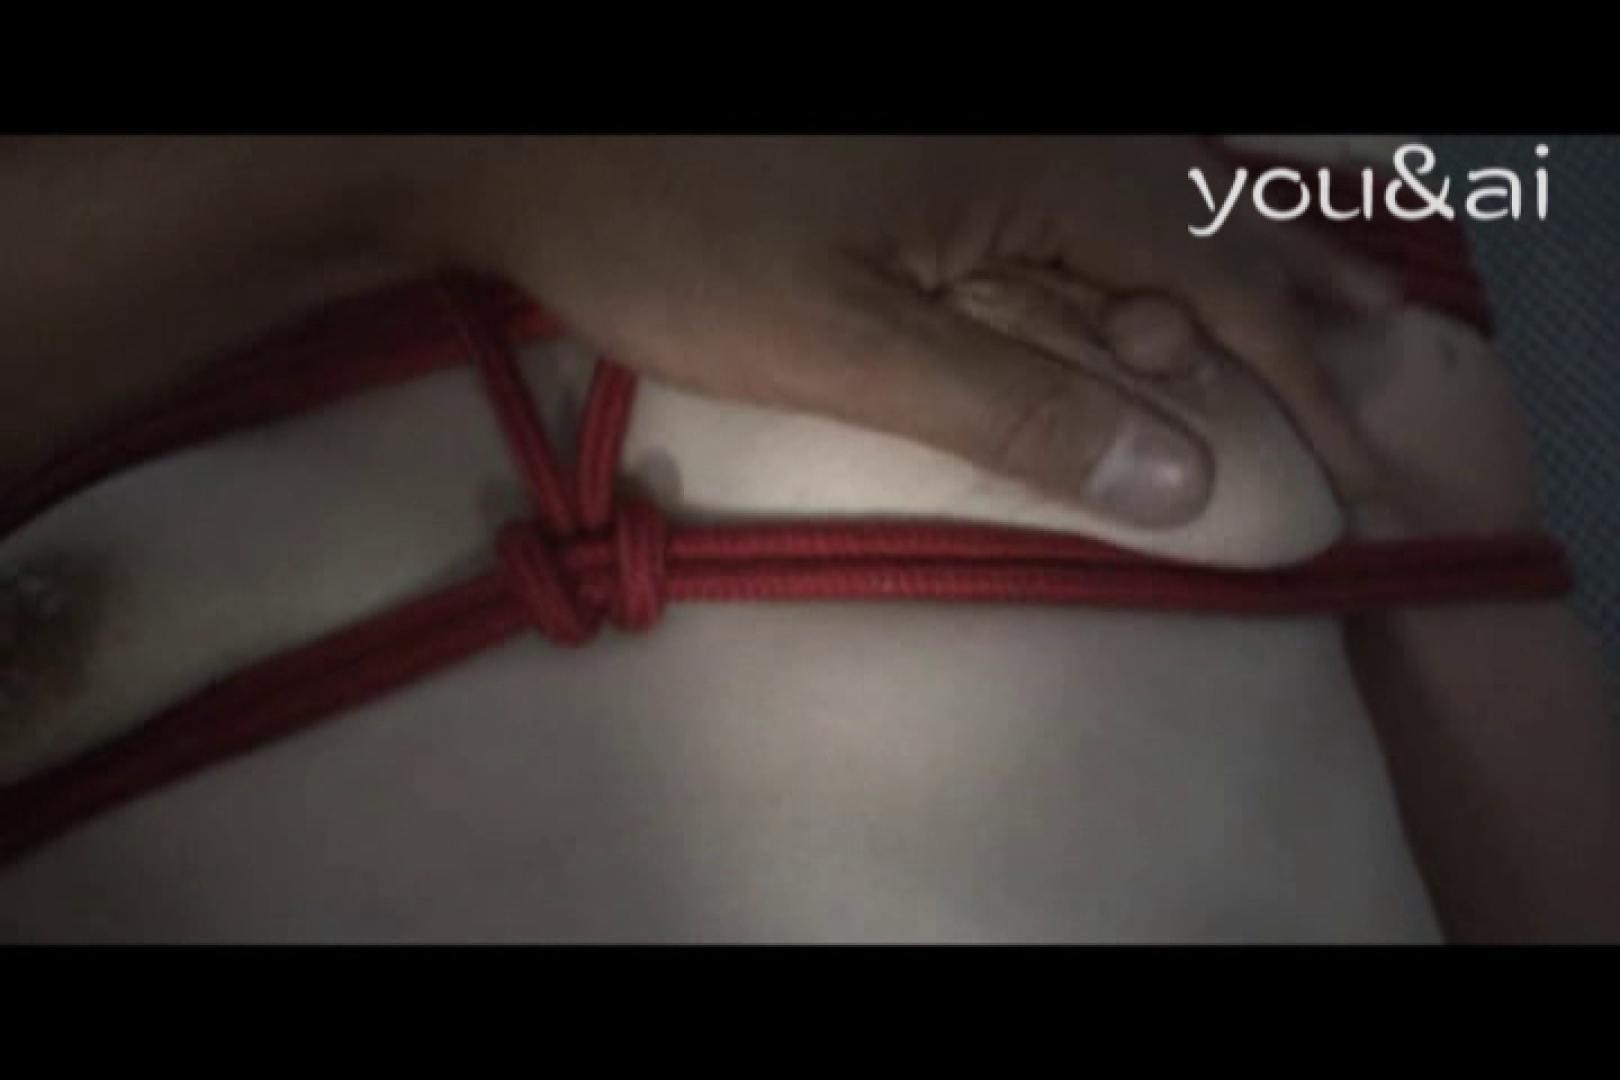 おしどり夫婦のyou&aiさん投稿作品vol.4 緊縛 | 一般投稿  107画像 31